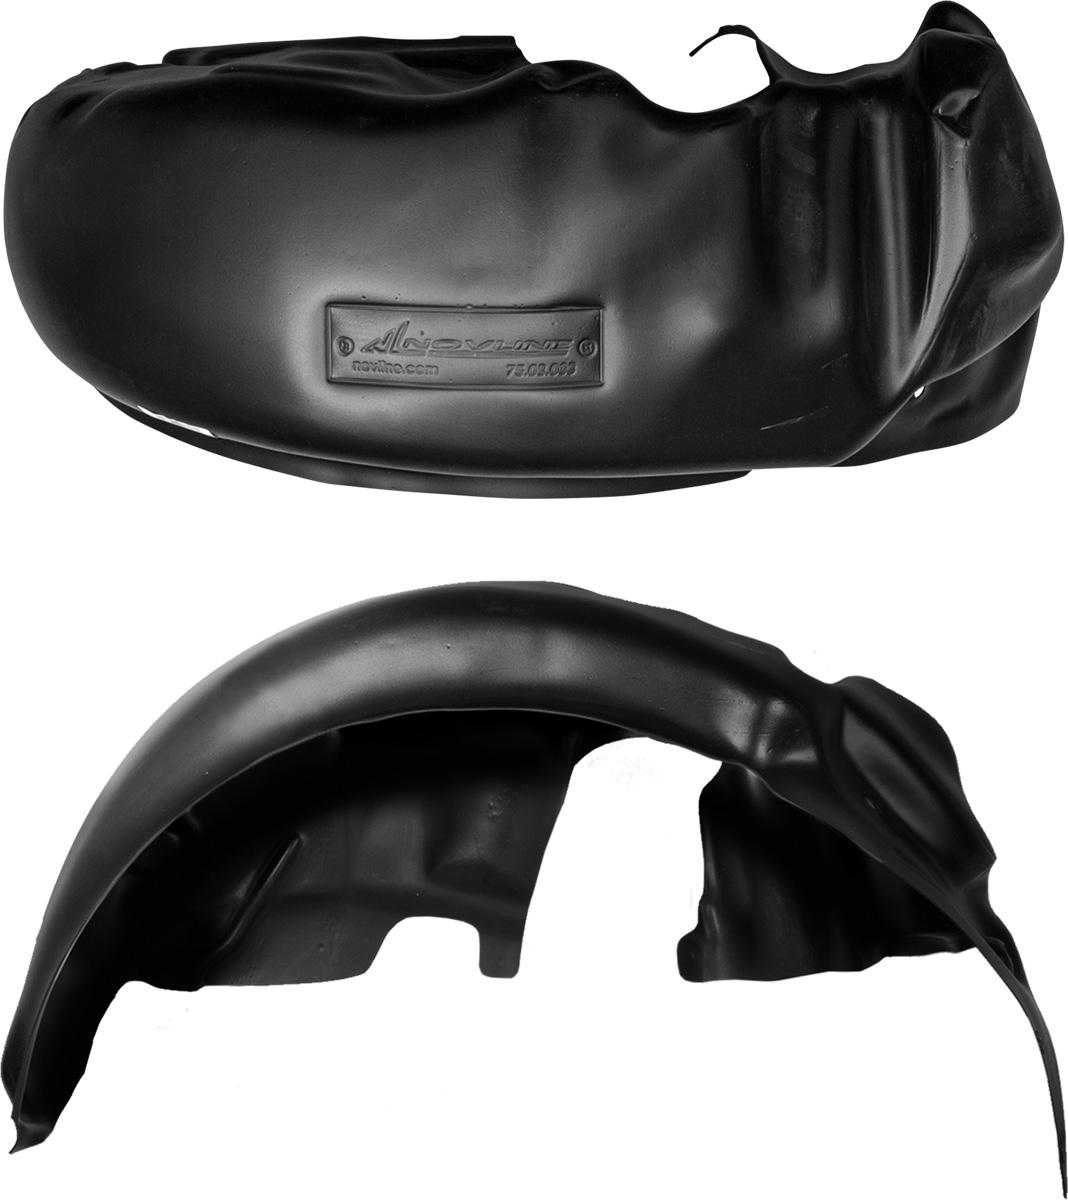 Подкрылок HYUNDAI Solaris, 2010-2014, хэтчбек, задний левыйNLL.20.42.003Колесные ниши – одни из самых уязвимых зон днища вашего автомобиля. Они постоянно подвергаются воздействию со стороны дороги. Лучшая, почти абсолютная защита для них - специально отформованные пластиковые кожухи, которые называются подкрылками, или локерами. Производятся они как для отечественных моделей автомобилей, так и для иномарок. Подкрылки выполнены из высококачественного, экологически чистого пластика. Обеспечивают надежную защиту кузова автомобиля от пескоструйного эффекта и негативного влияния, агрессивных антигололедных реагентов. Пластик обладает более низкой теплопроводностью, чем металл, поэтому в зимний период эксплуатации использование пластиковых подкрылков позволяет лучше защитить колесные ниши от налипания снега и образования наледи. Оригинальность конструкции подчеркивает элегантность автомобиля, бережно защищает нанесенное на днище кузова антикоррозийное покрытие и позволяет осуществить крепление подкрылков внутри колесной арки практически без дополнительного крепежа и сверления, не нарушая при этом лакокрасочного покрытия, что предотвращает возникновение новых очагов коррозии. Технология крепления подкрылков на иномарки принципиально отличается от крепления на российские автомобили и разрабатывается индивидуально для каждой модели автомобиля. Подкрылки долговечны, обладают высокой прочностью и сохраняют заданную форму, а также все свои физико-механические характеристики в самых тяжелых климатических условиях ( от -50° С до + 50° С).